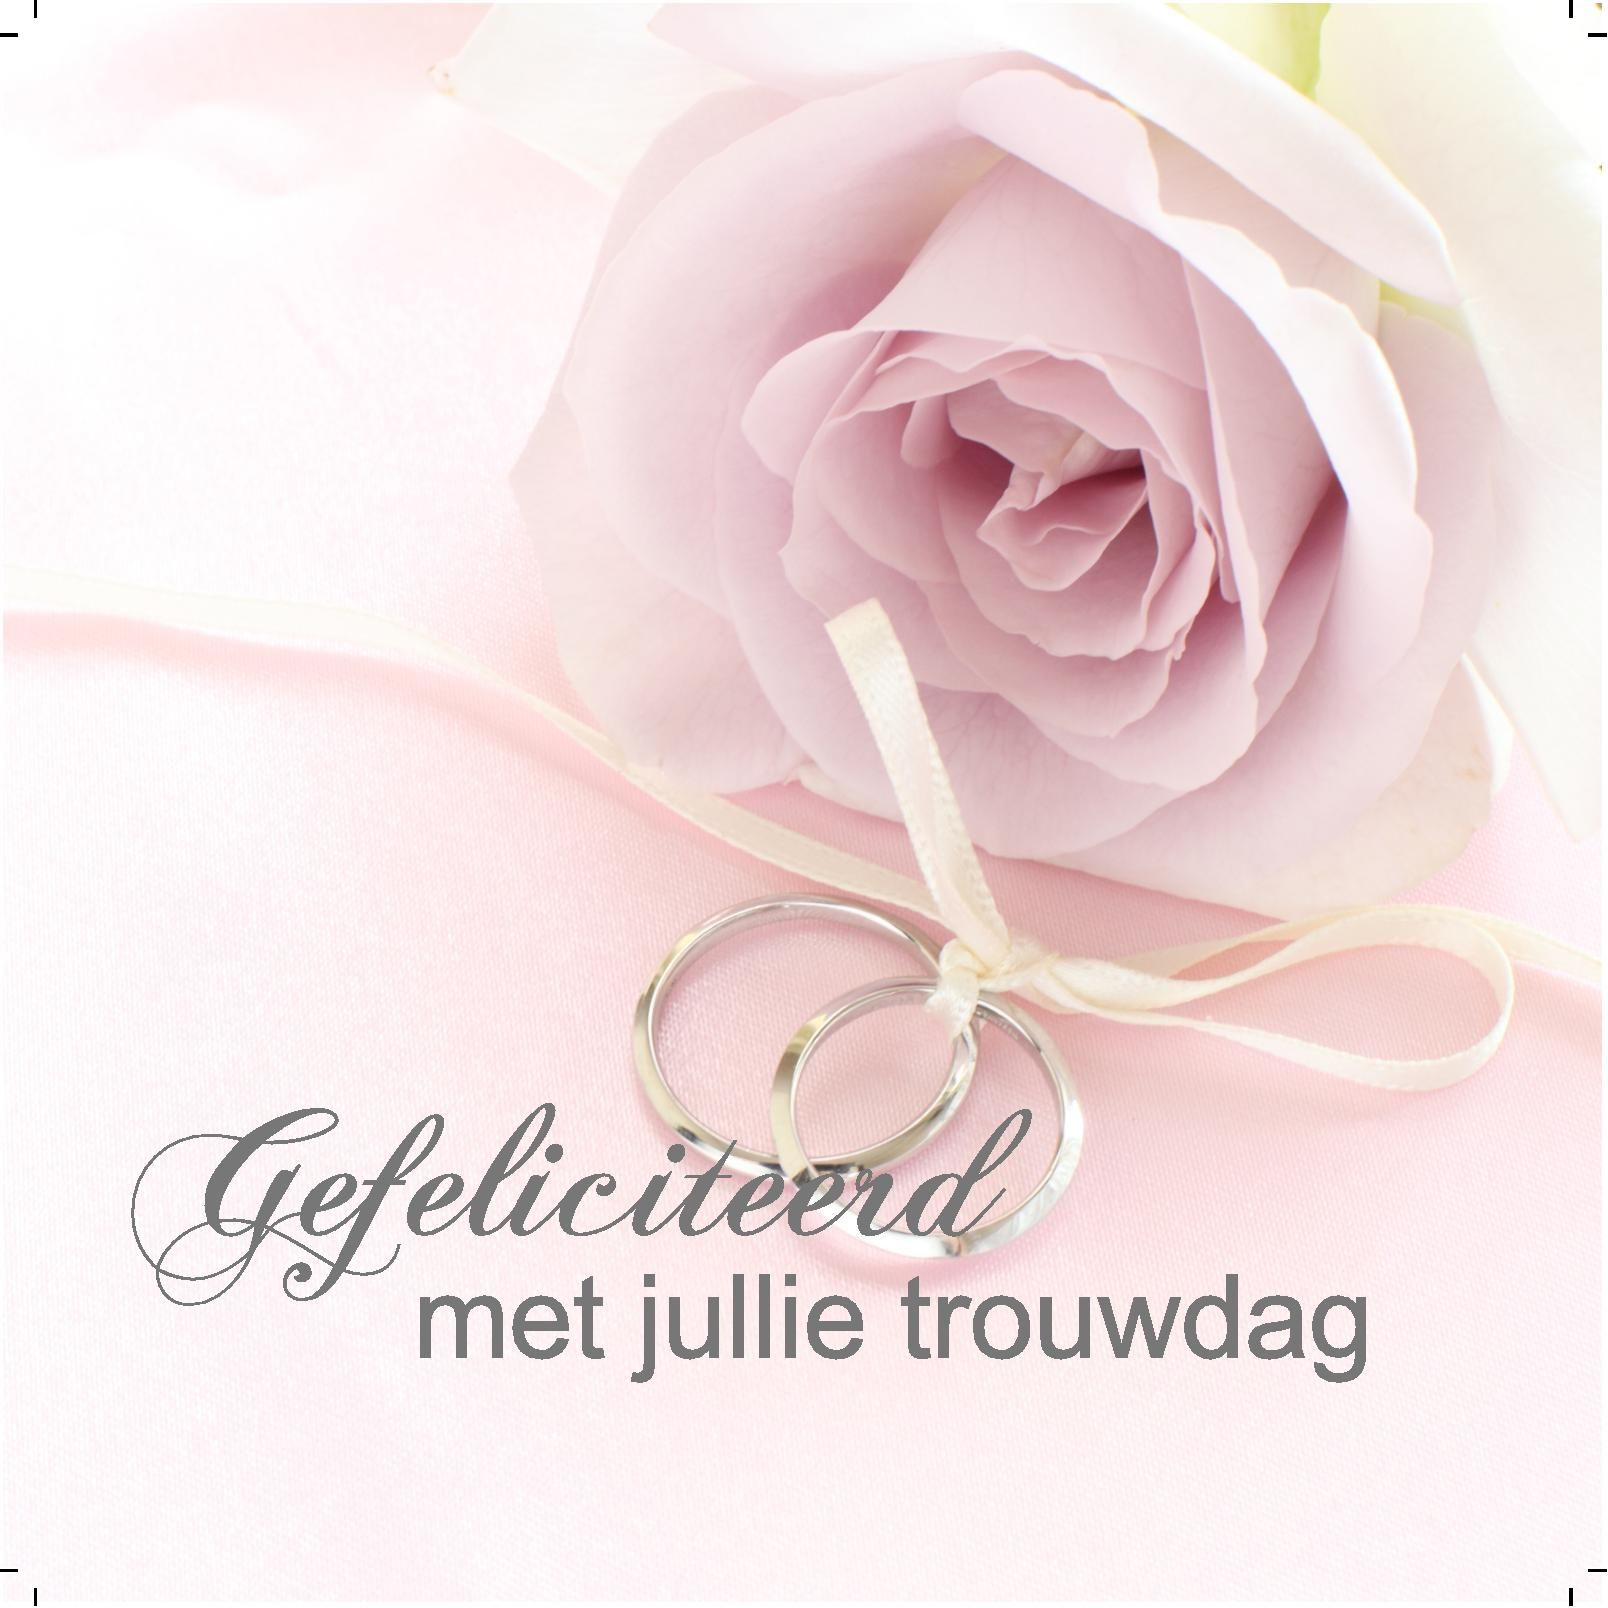 gefeliciteerd met trouwdag Design: Fastcards .fastcards.nl   Gefeliciteerd met jullie  gefeliciteerd met trouwdag